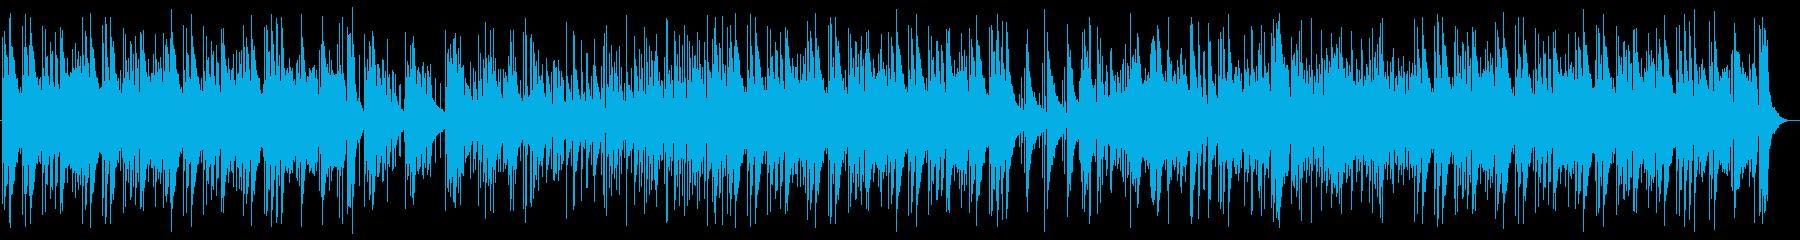 アップテンポの明るいピアノの曲の再生済みの波形